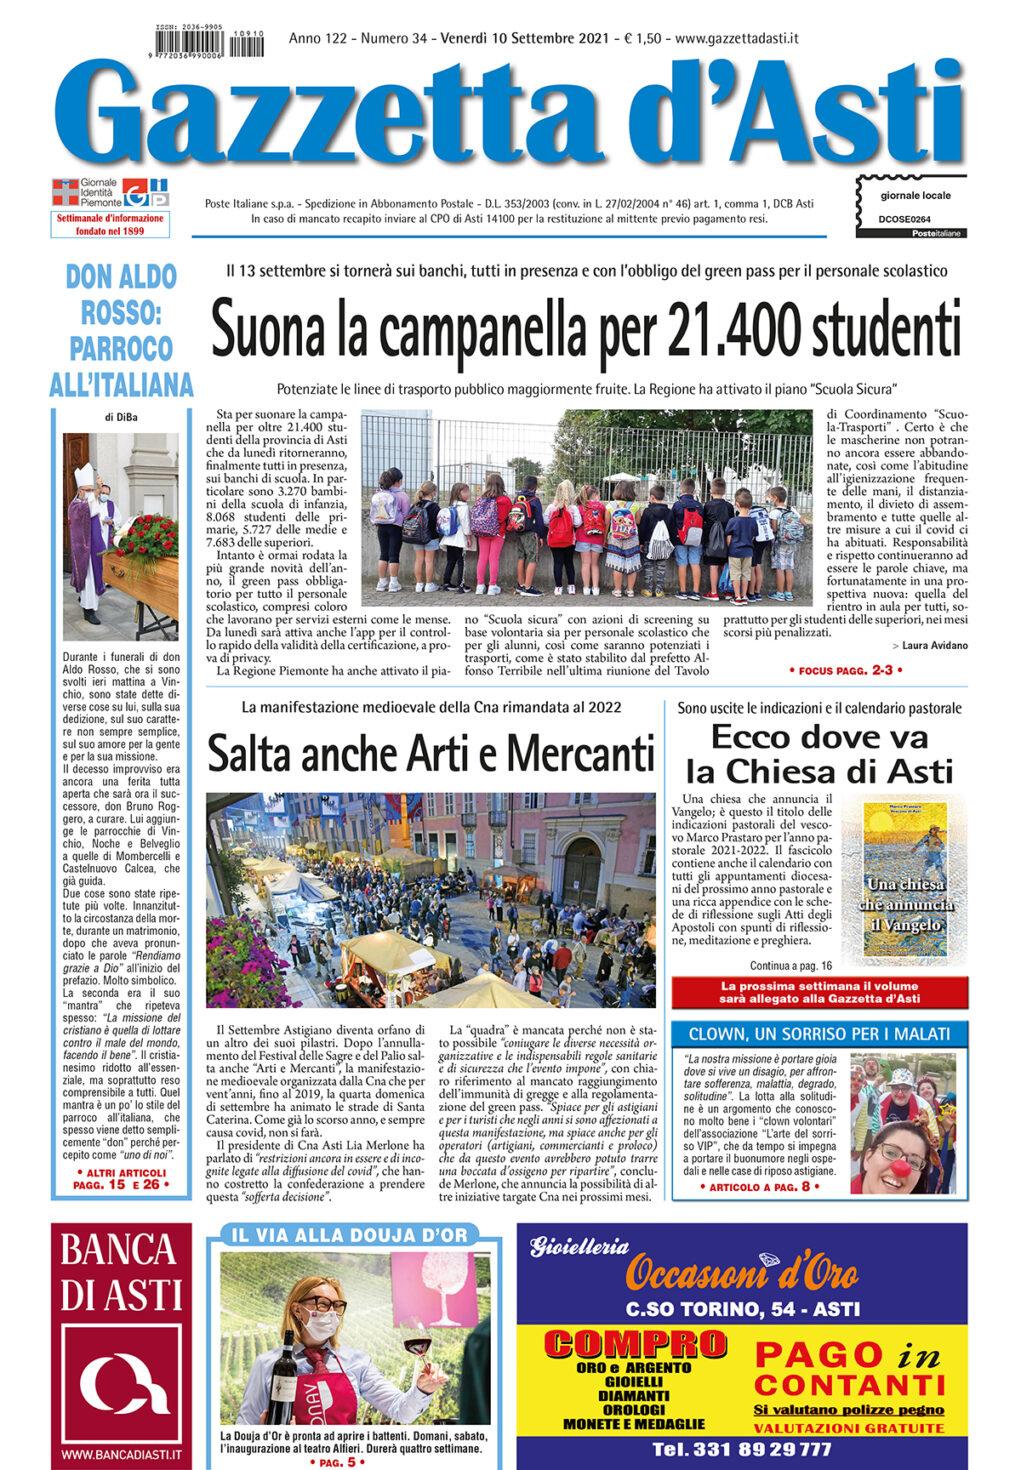 Prima pagina – 10 settembre 2021